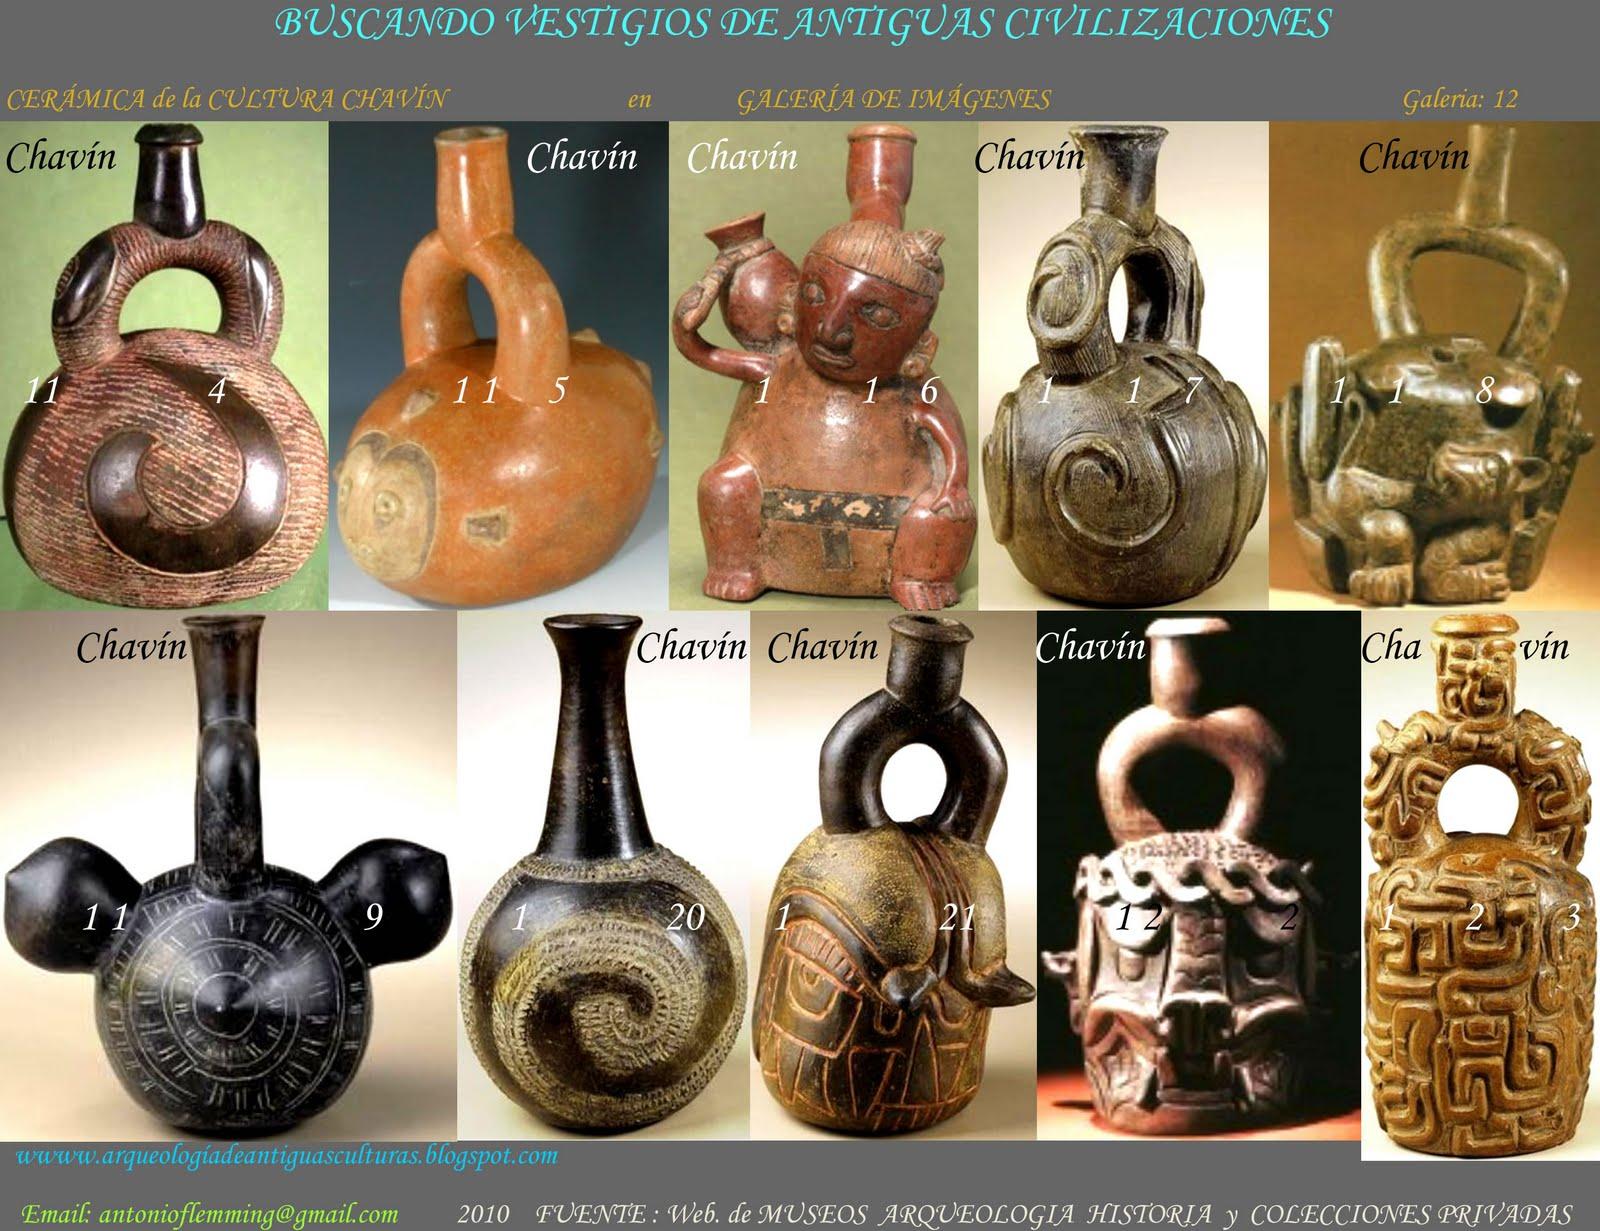 Buscando vestigios de antiguas civilizaciones fotos de - Fotos de ceramica ...